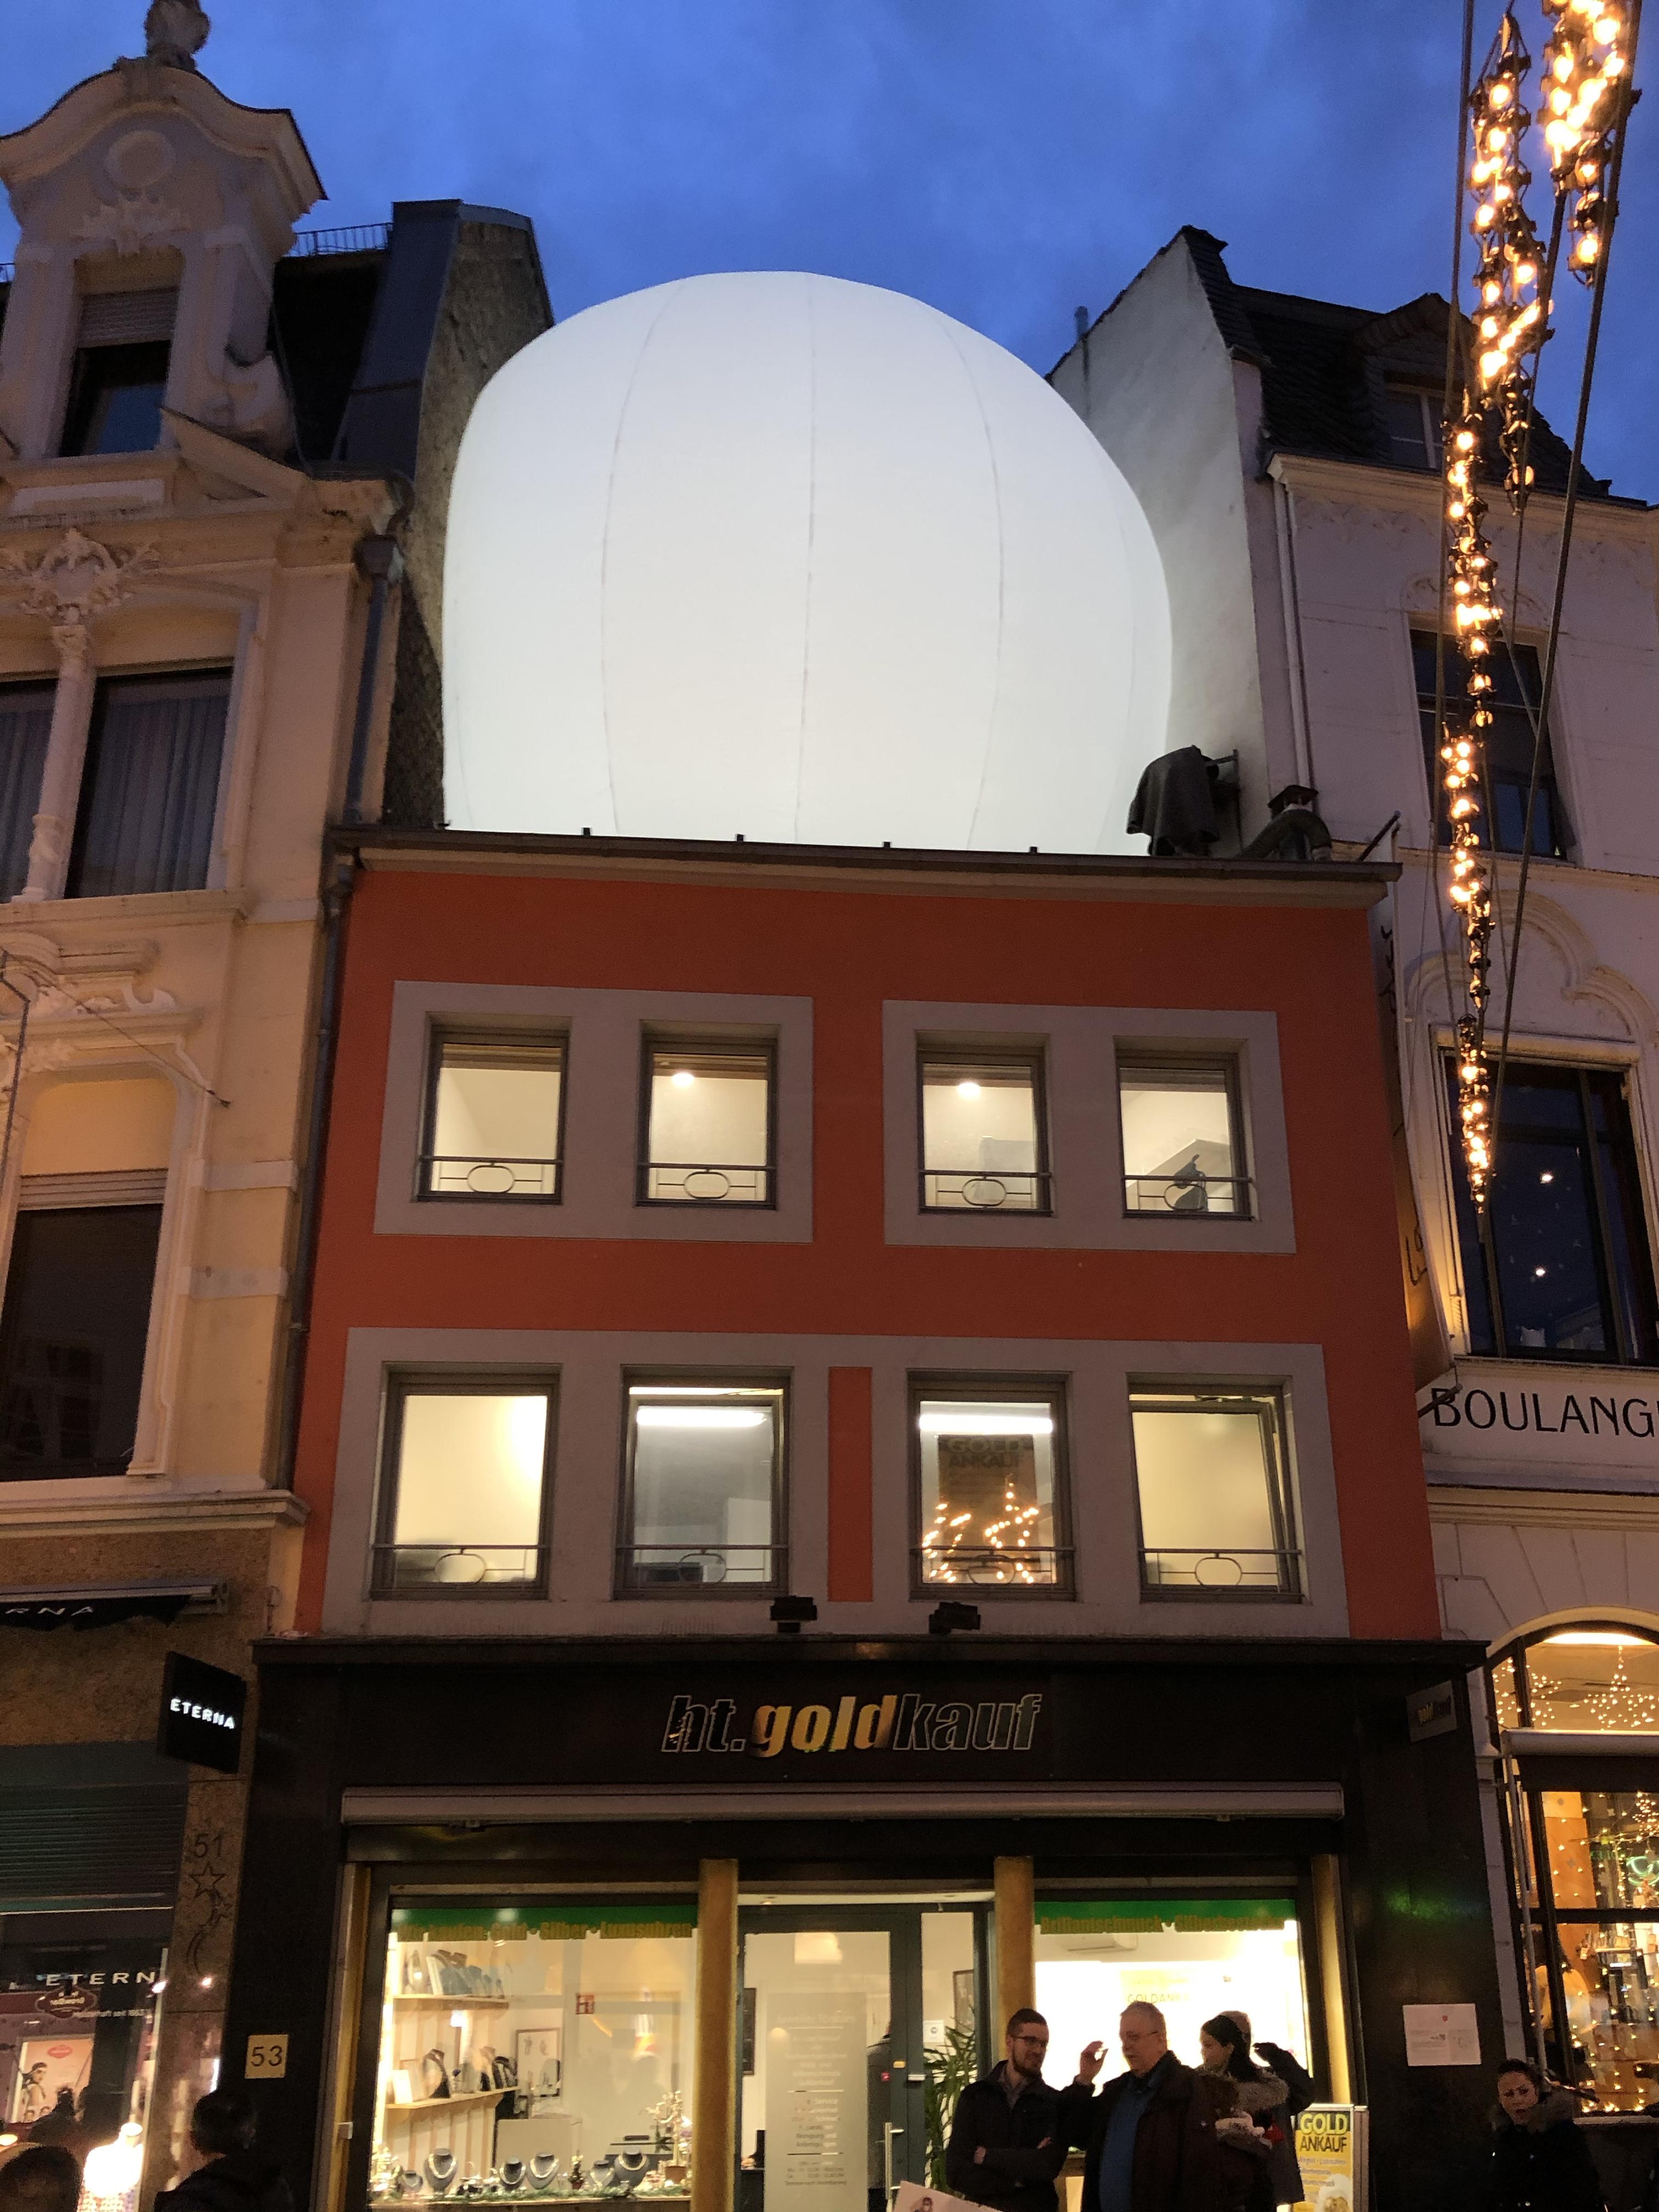 DER GEIST, Sternstraße, Bonn